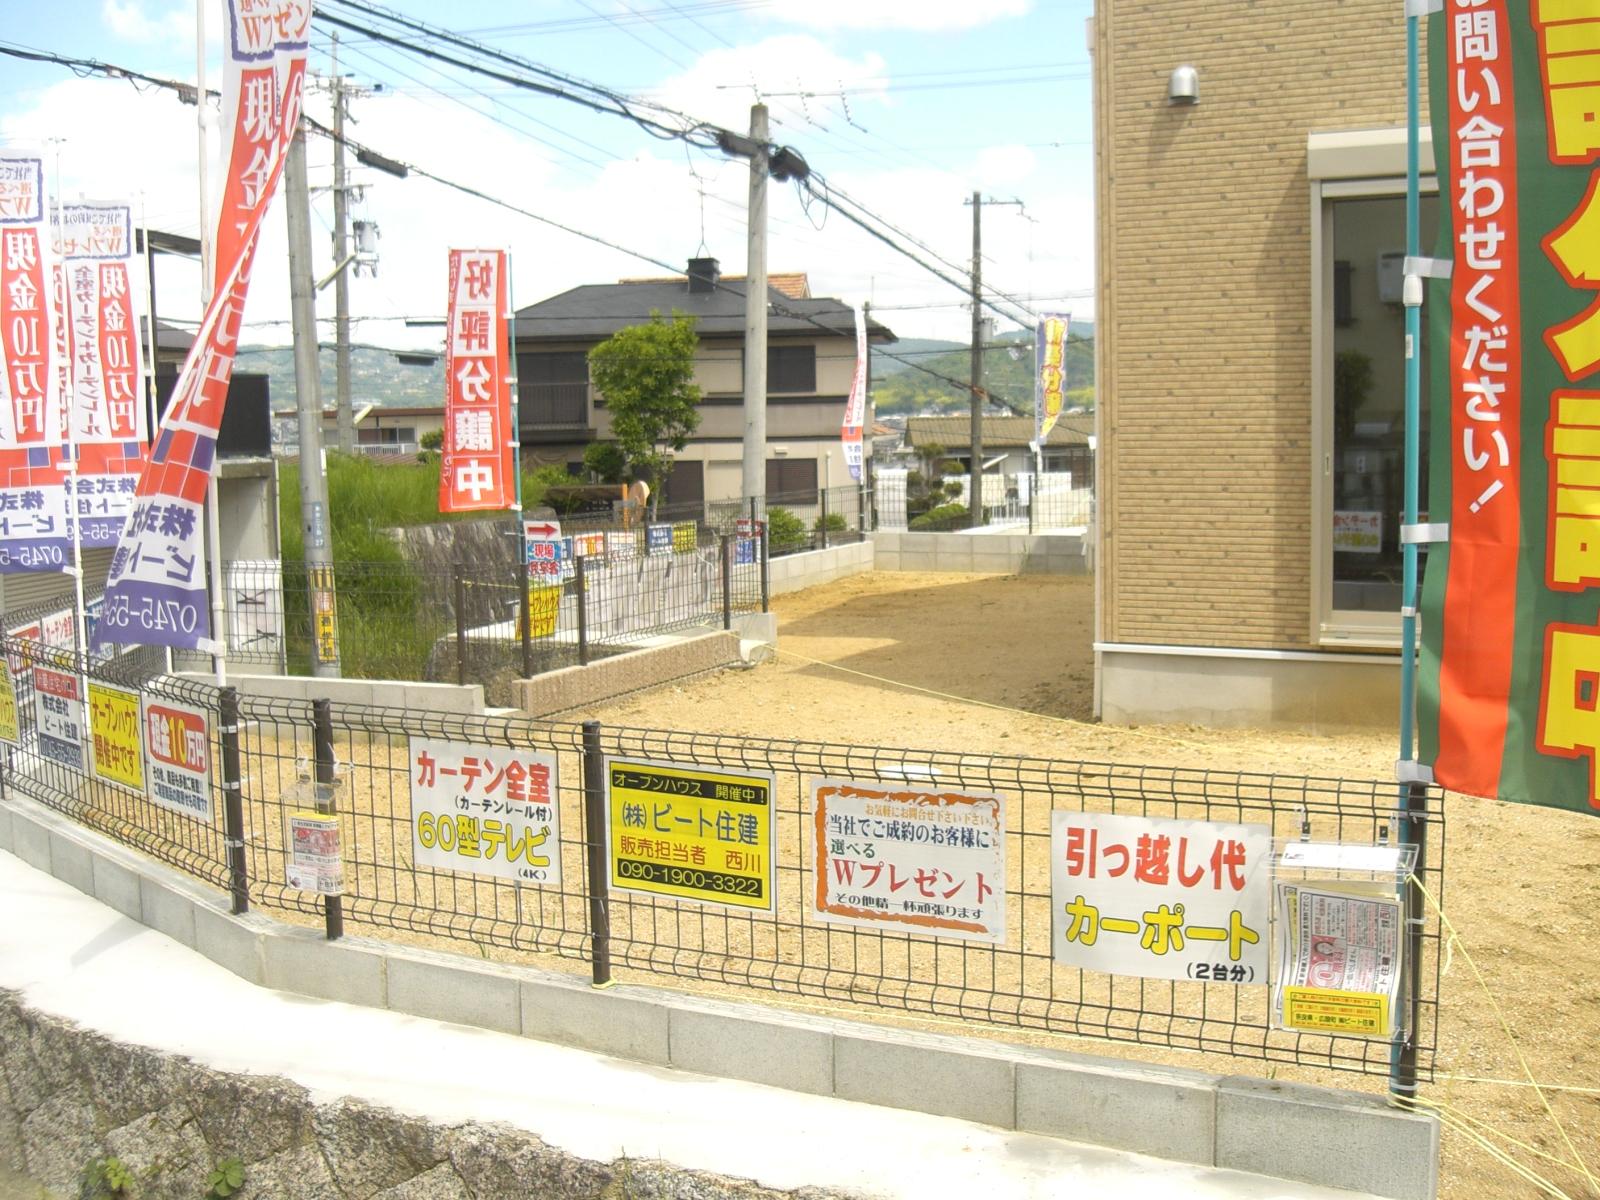 川合町 泉台 新築 全2棟 いよいよ 完成!